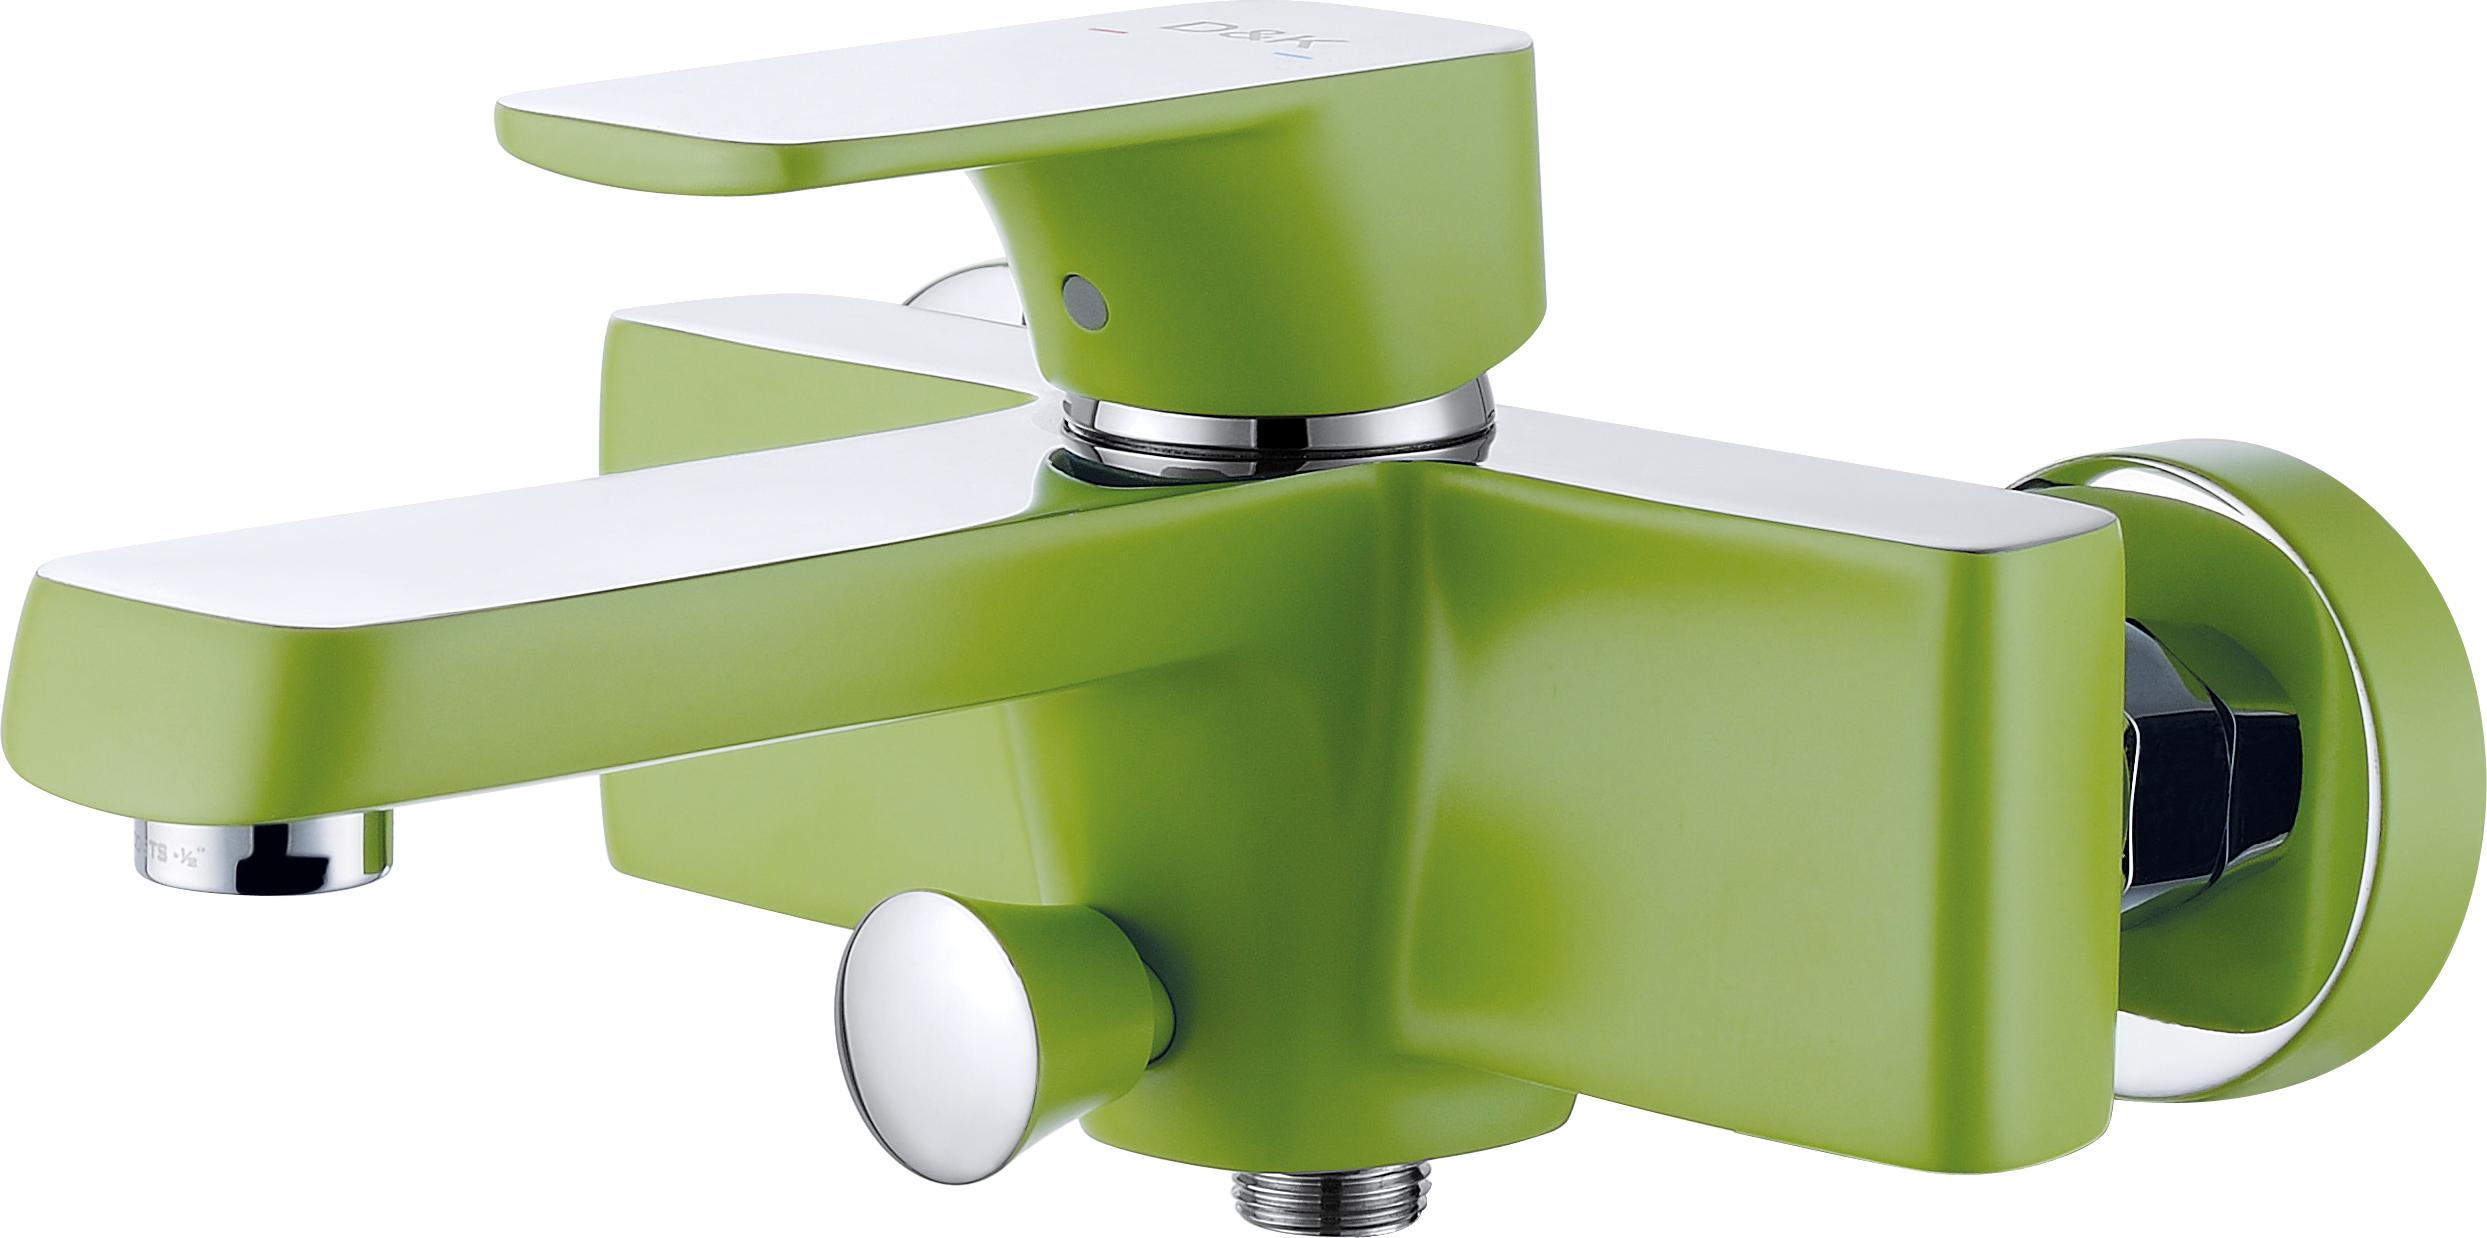 Смеситель для ванны с душем D&K Berlin.Humboldt DA1433212 короткий излив зеленый-хром